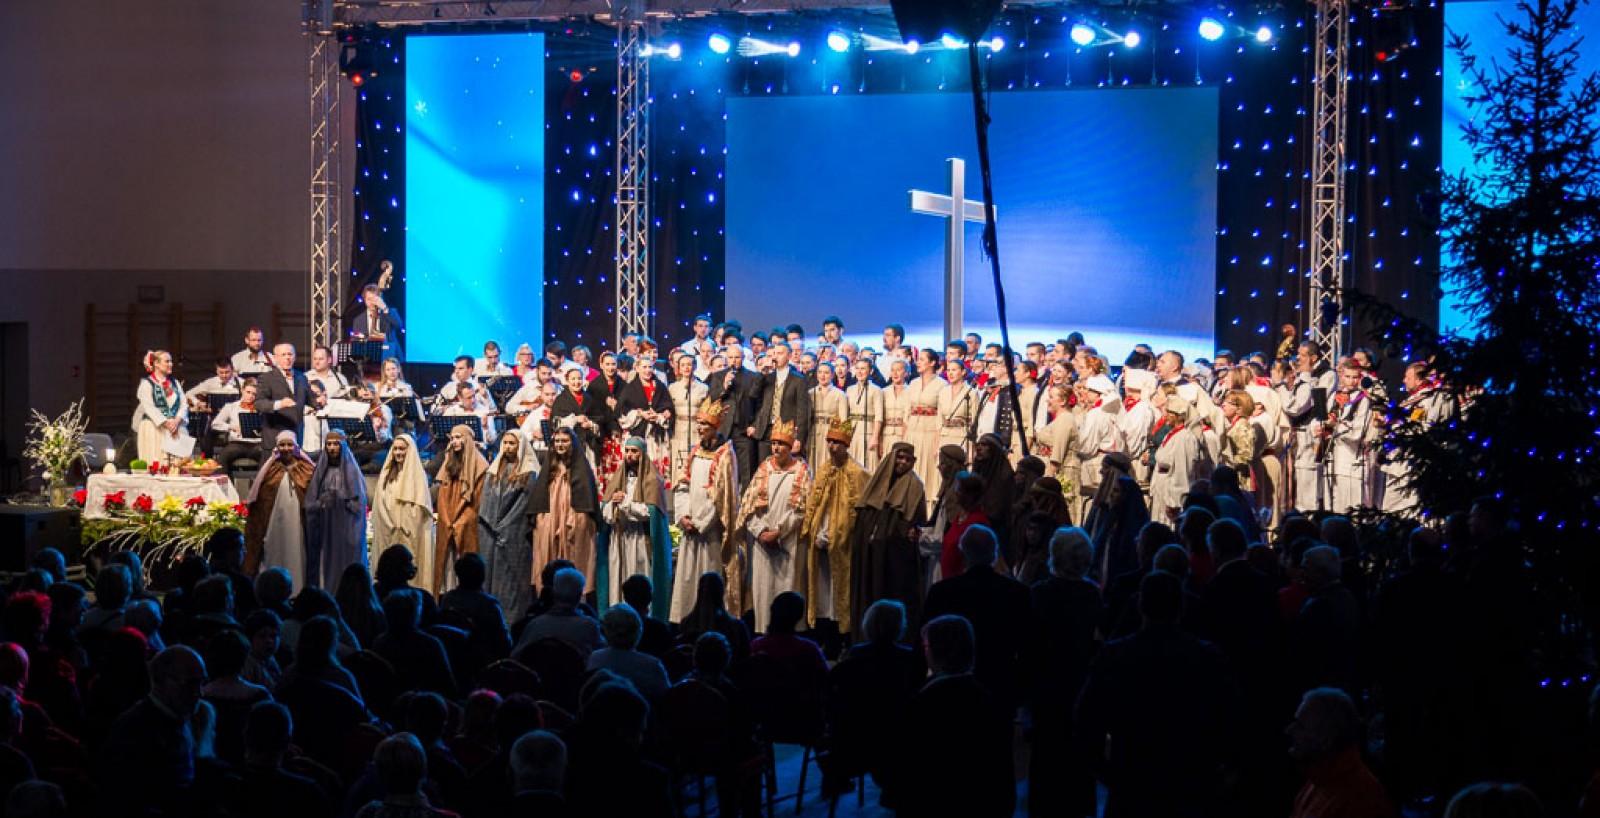 Održan tradicionalni koncert Božić u Gorici